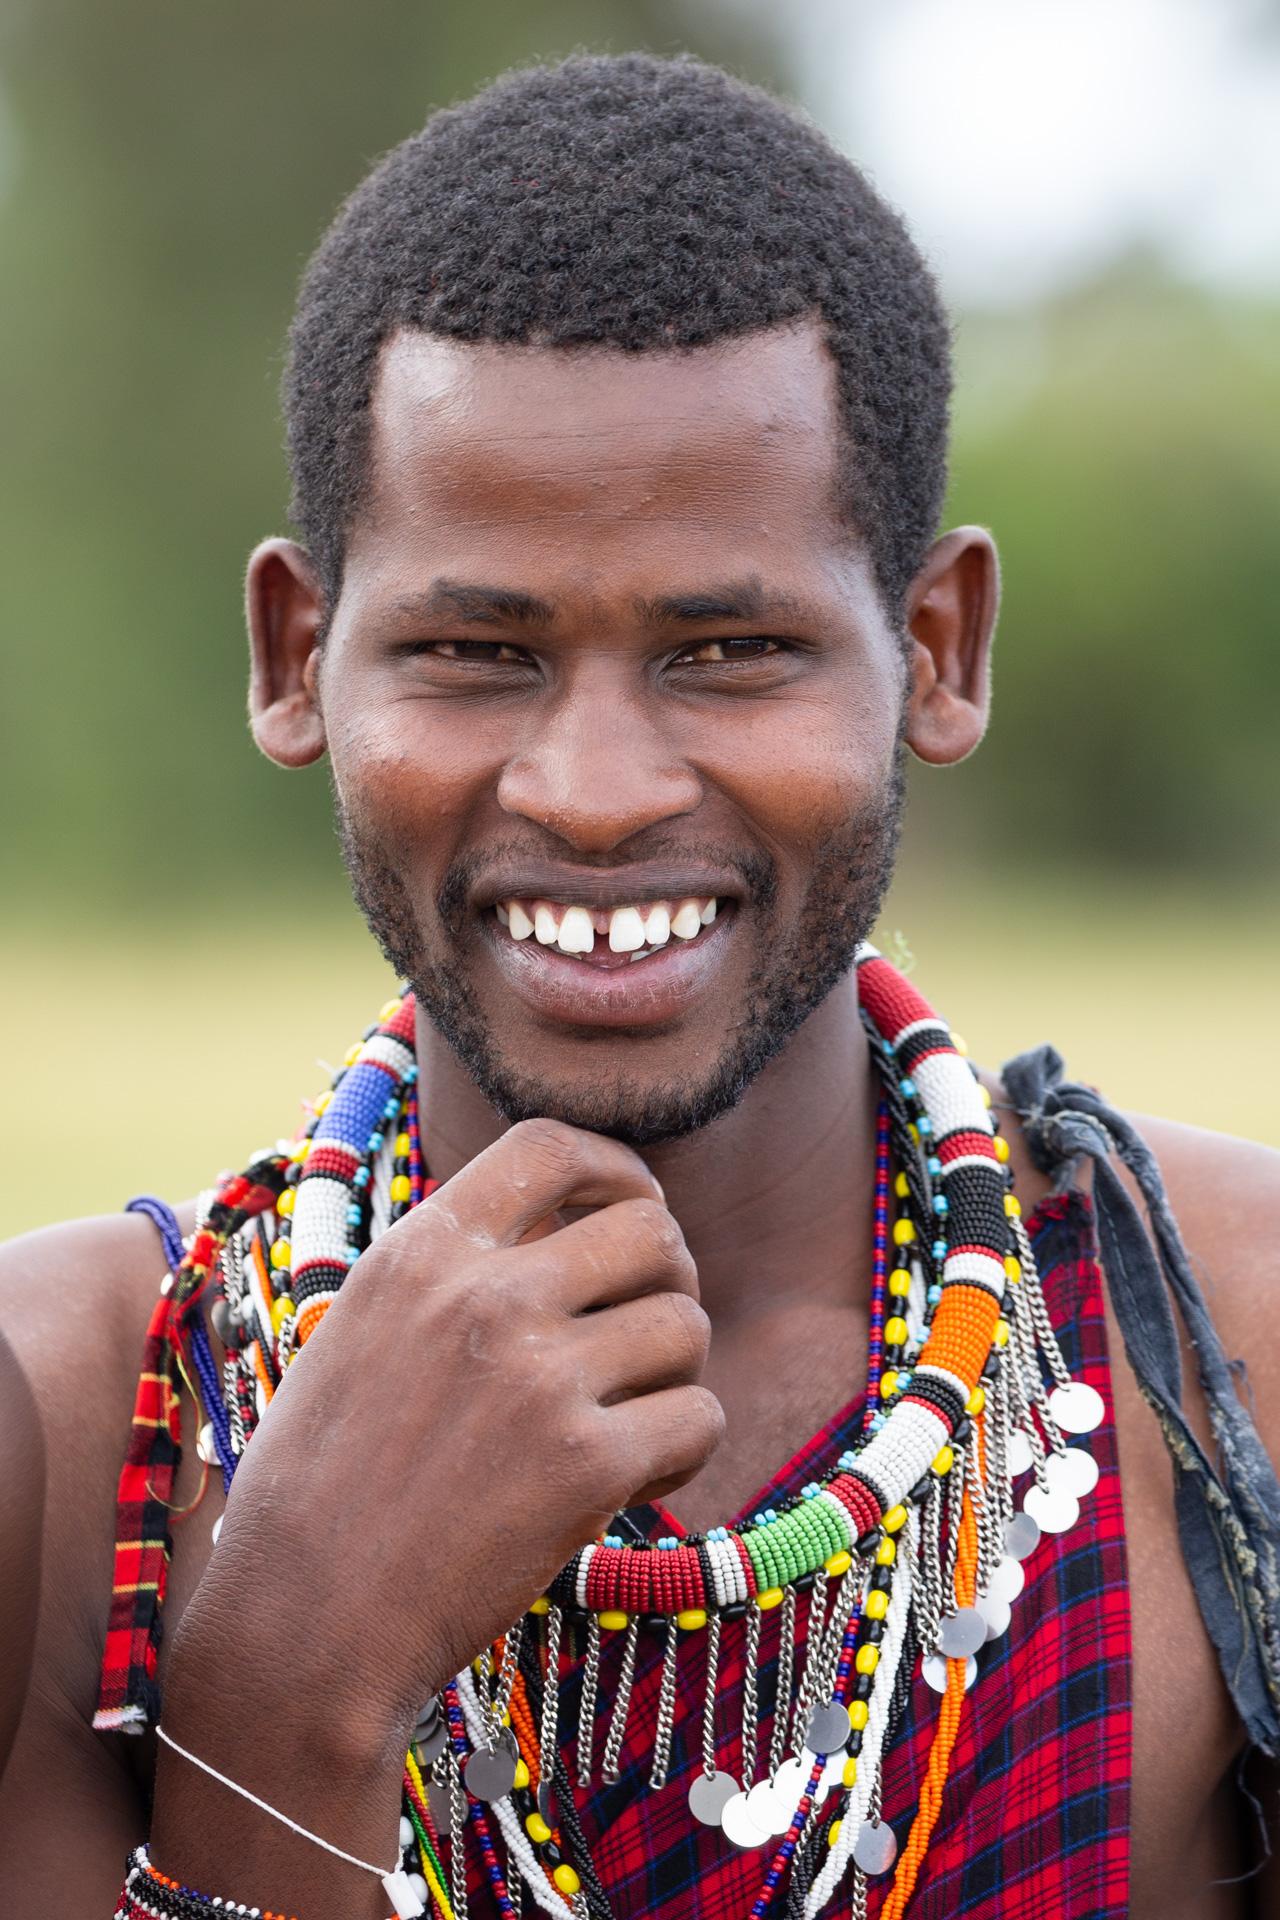 Maasai smiling